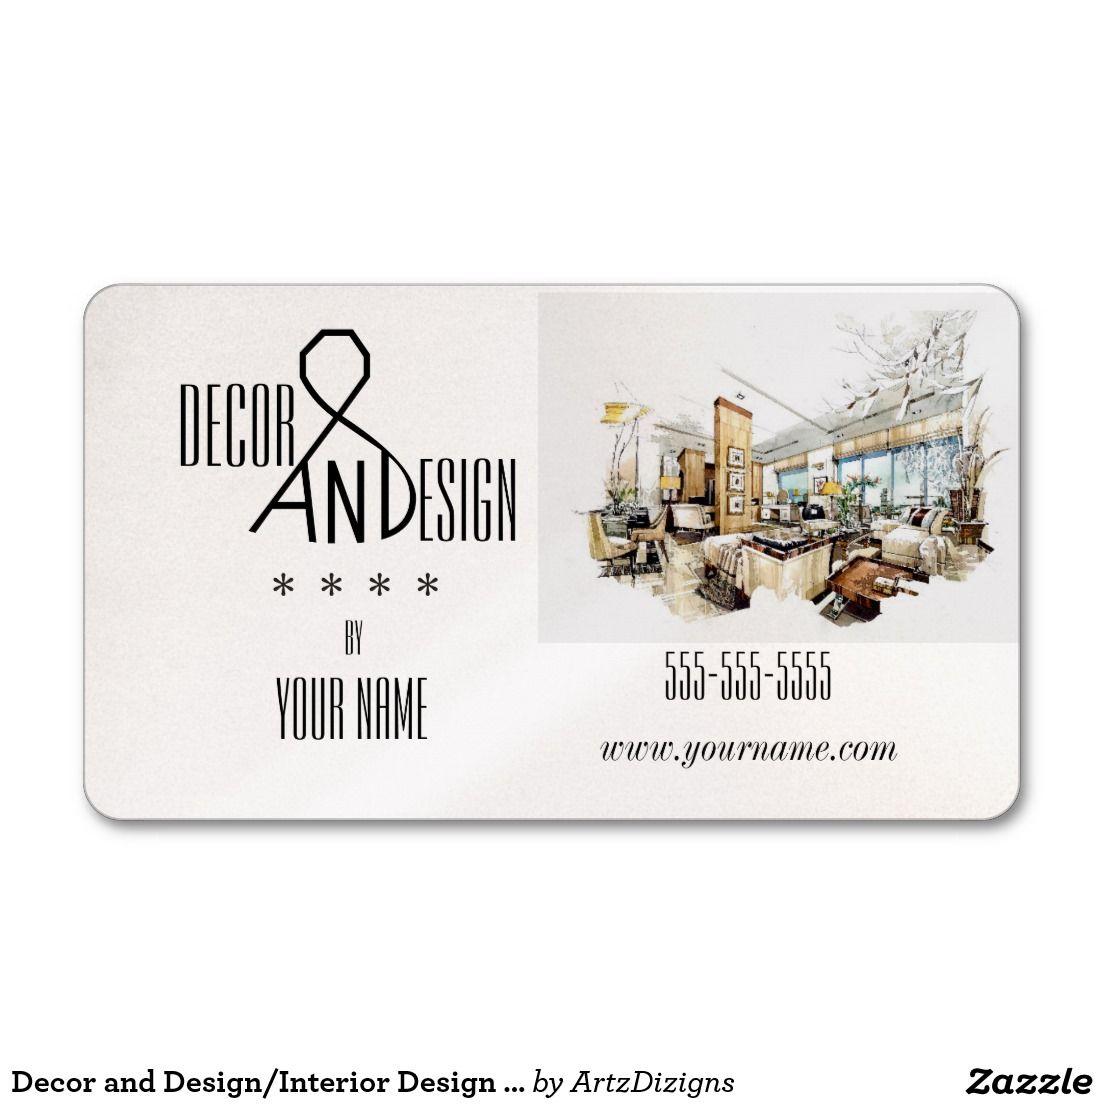 Decor and Design/Interior Design - Business Cards